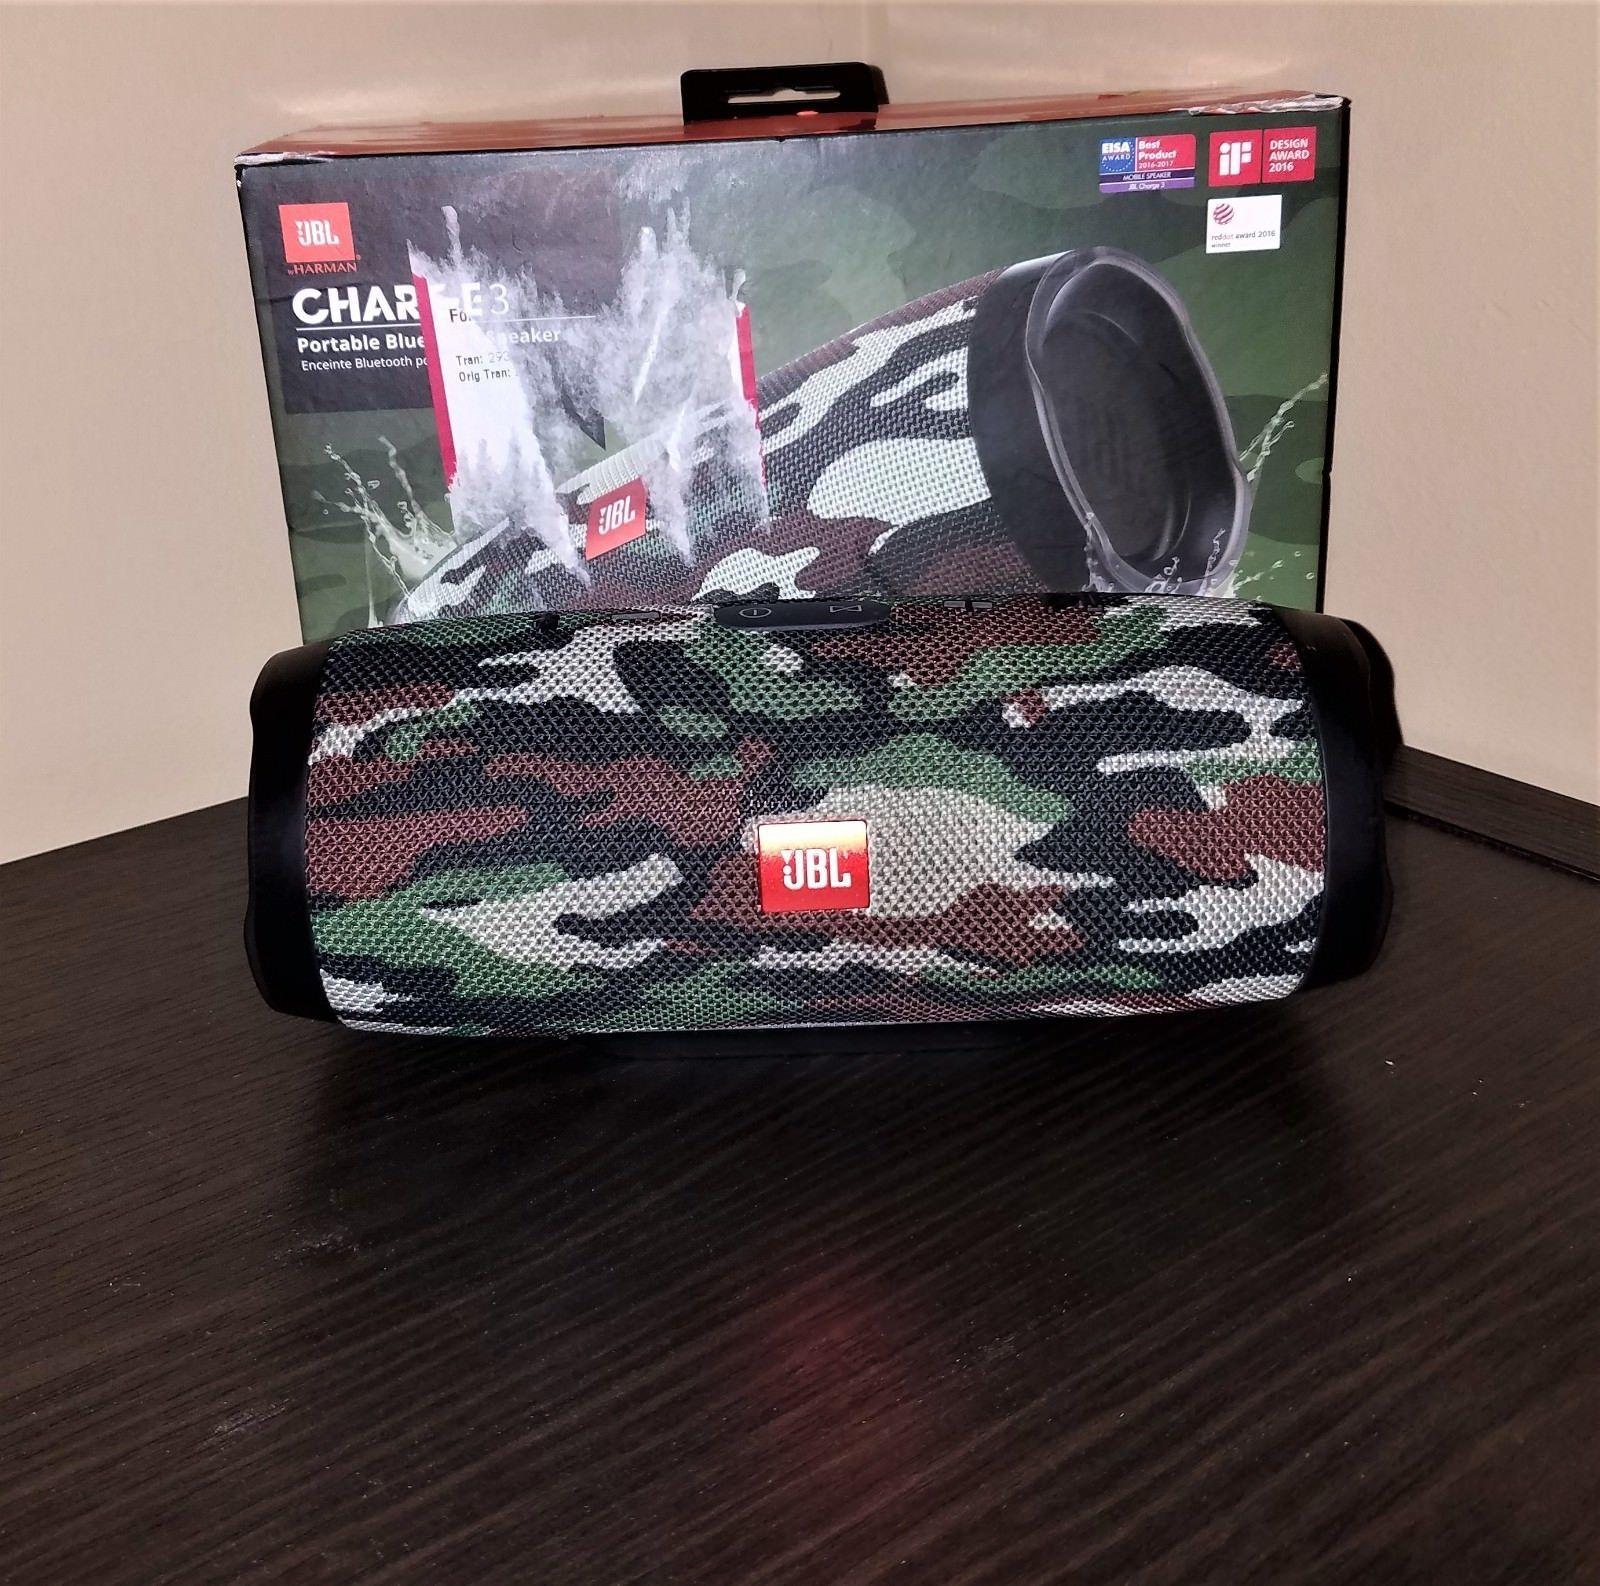 Jbl Charge 3 Waterproof Portable Bluetooth Speaker Camouflage Bluetooth Speakers Portable Bluetooth Speaker Portable